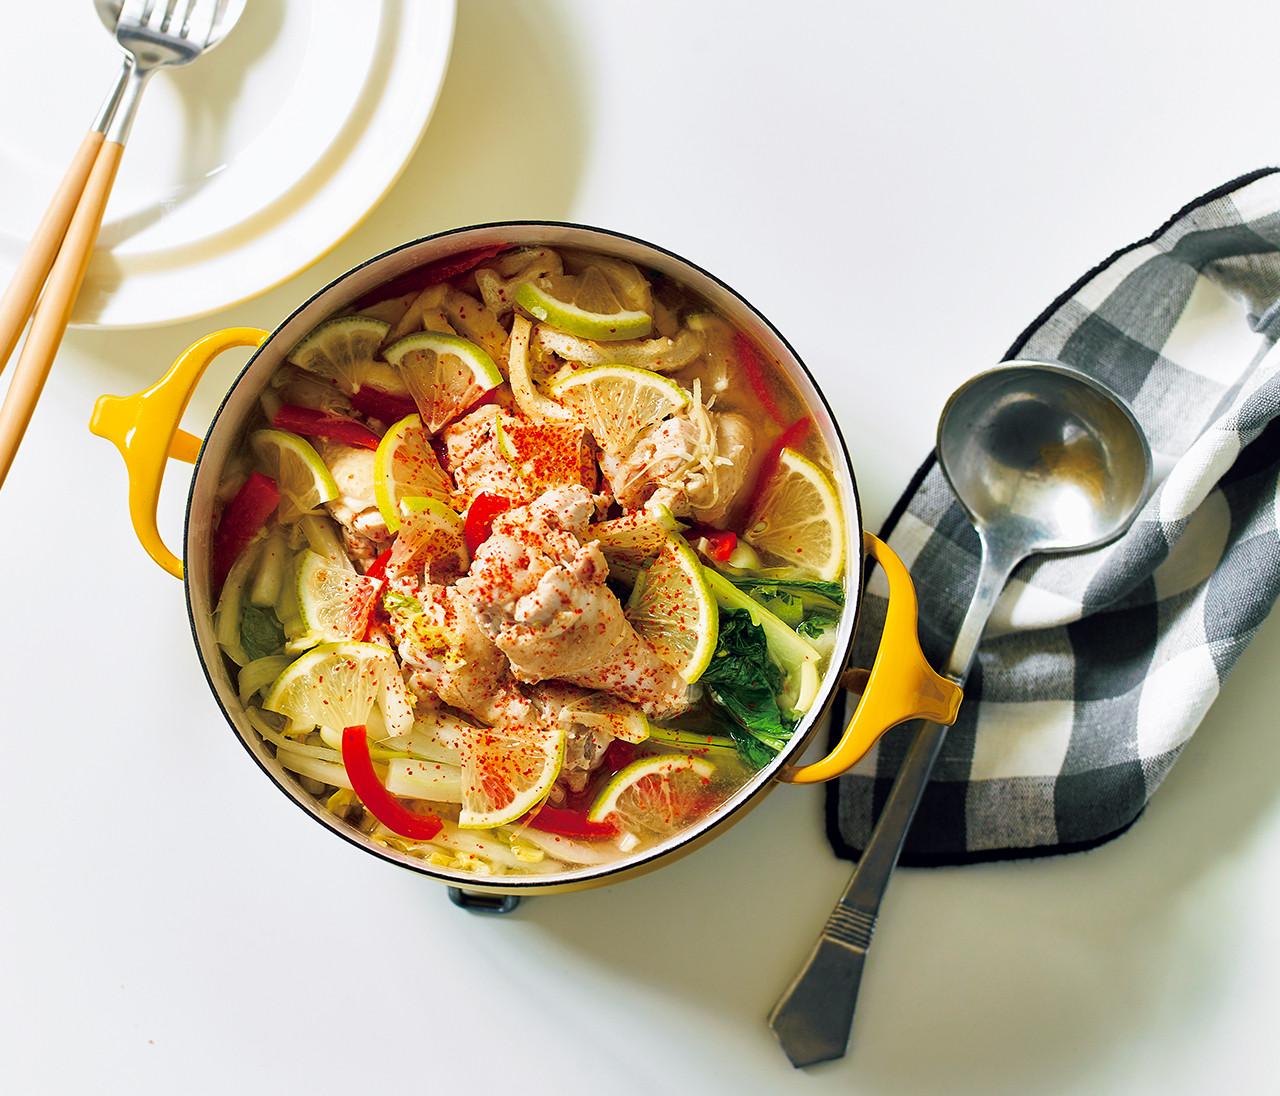 【Atsushiさんの美人鍋レシピまとめ】美肌にもデトックスにもエイジングケアにも!絶品鍋レシピ10